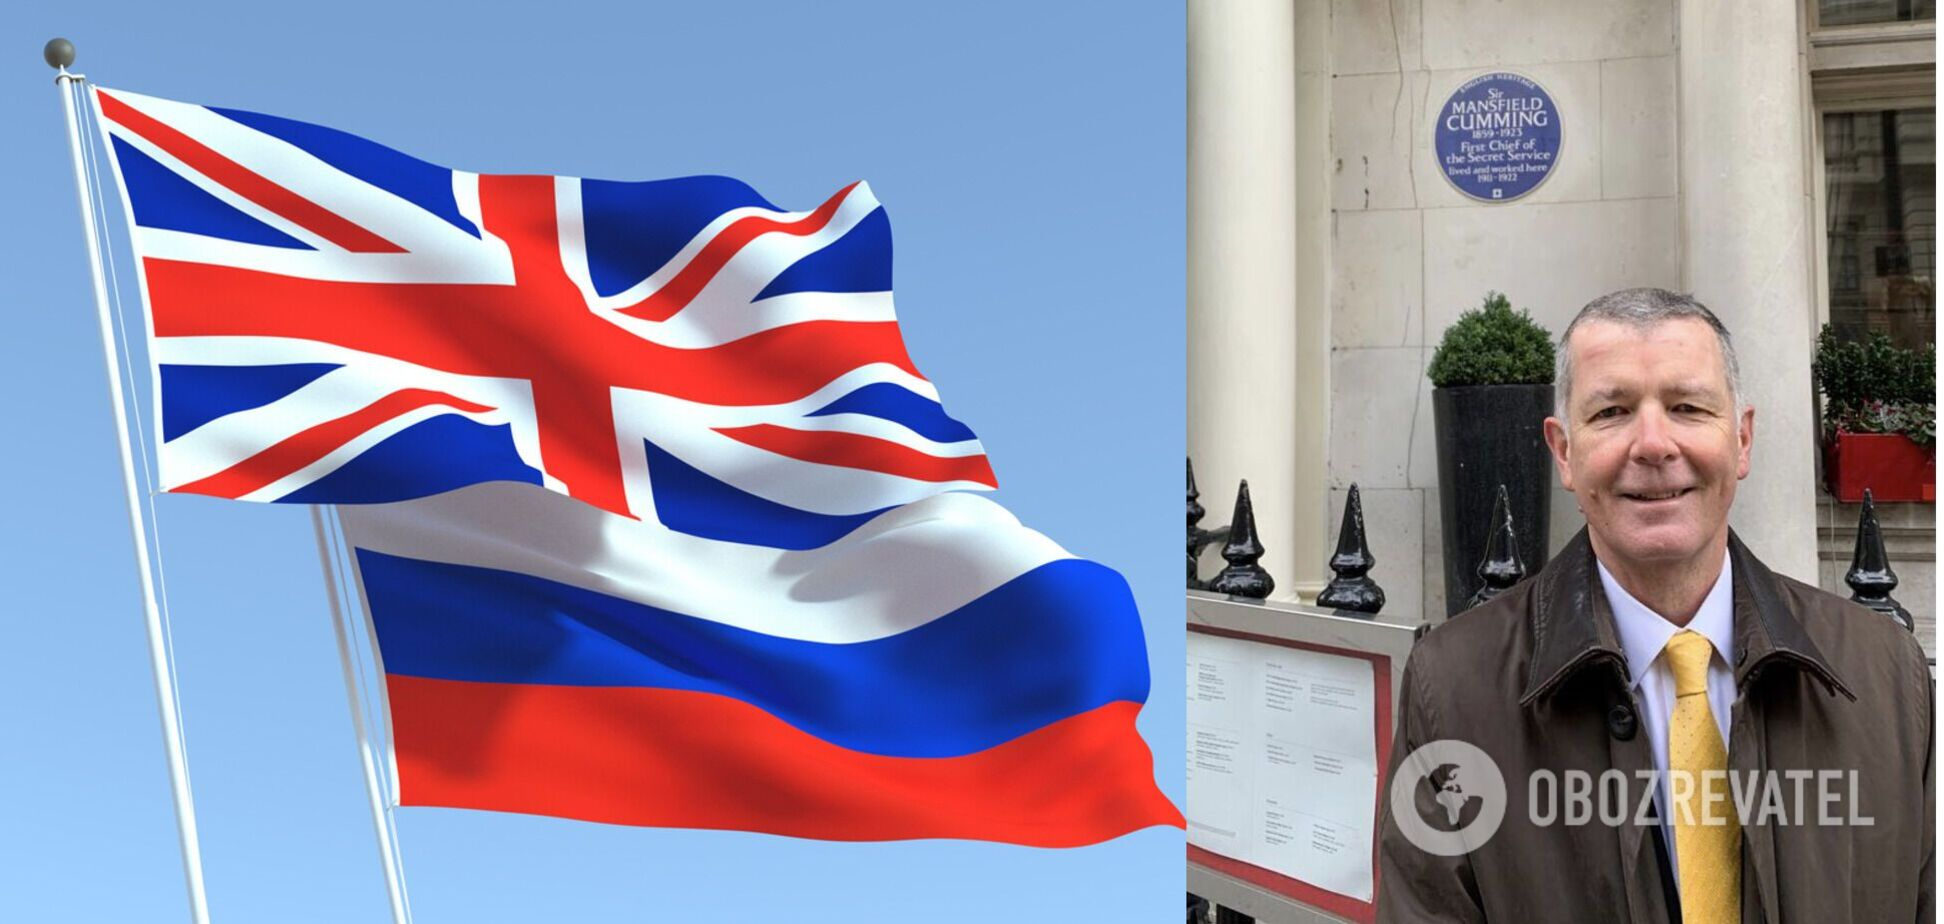 Безрозсудна Росія перебуває в занепаді, – новий глава британської розвідки